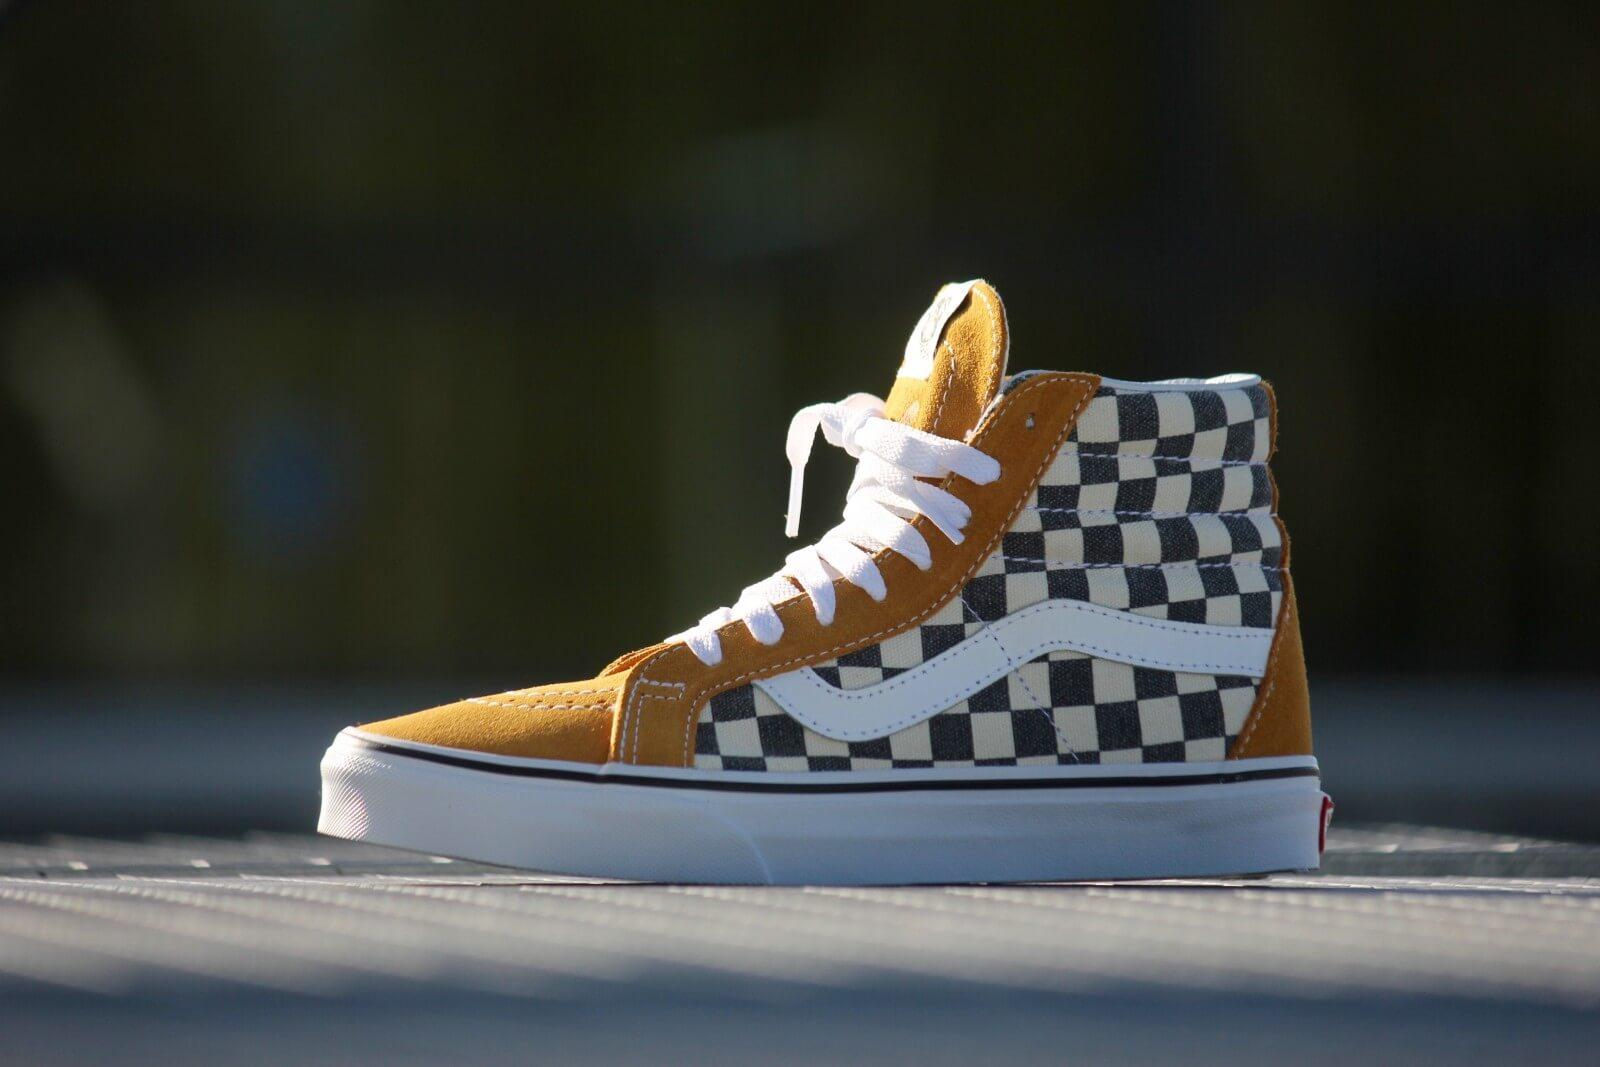 Vans Sk8 Hi Checkerboard Yellow/ Navy